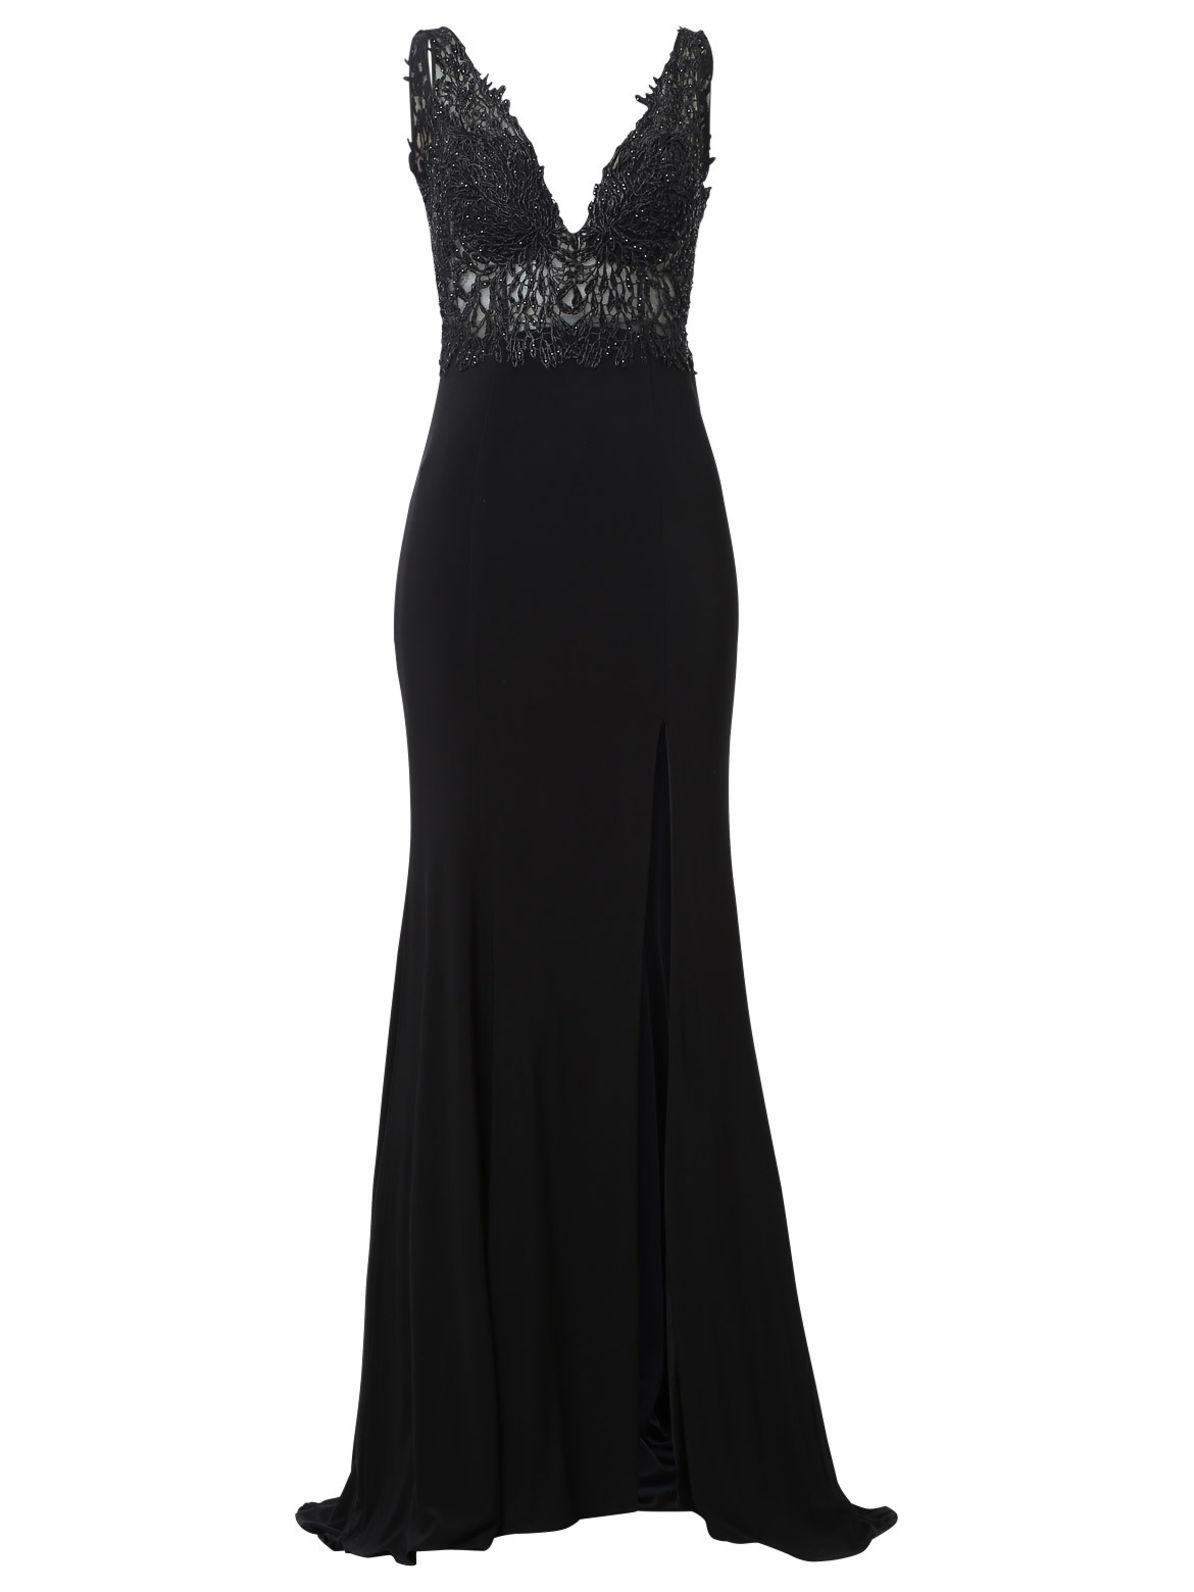 17 Fantastisch Abend Kleid Online Kaufen für 201917 Schön Abend Kleid Online Kaufen Galerie